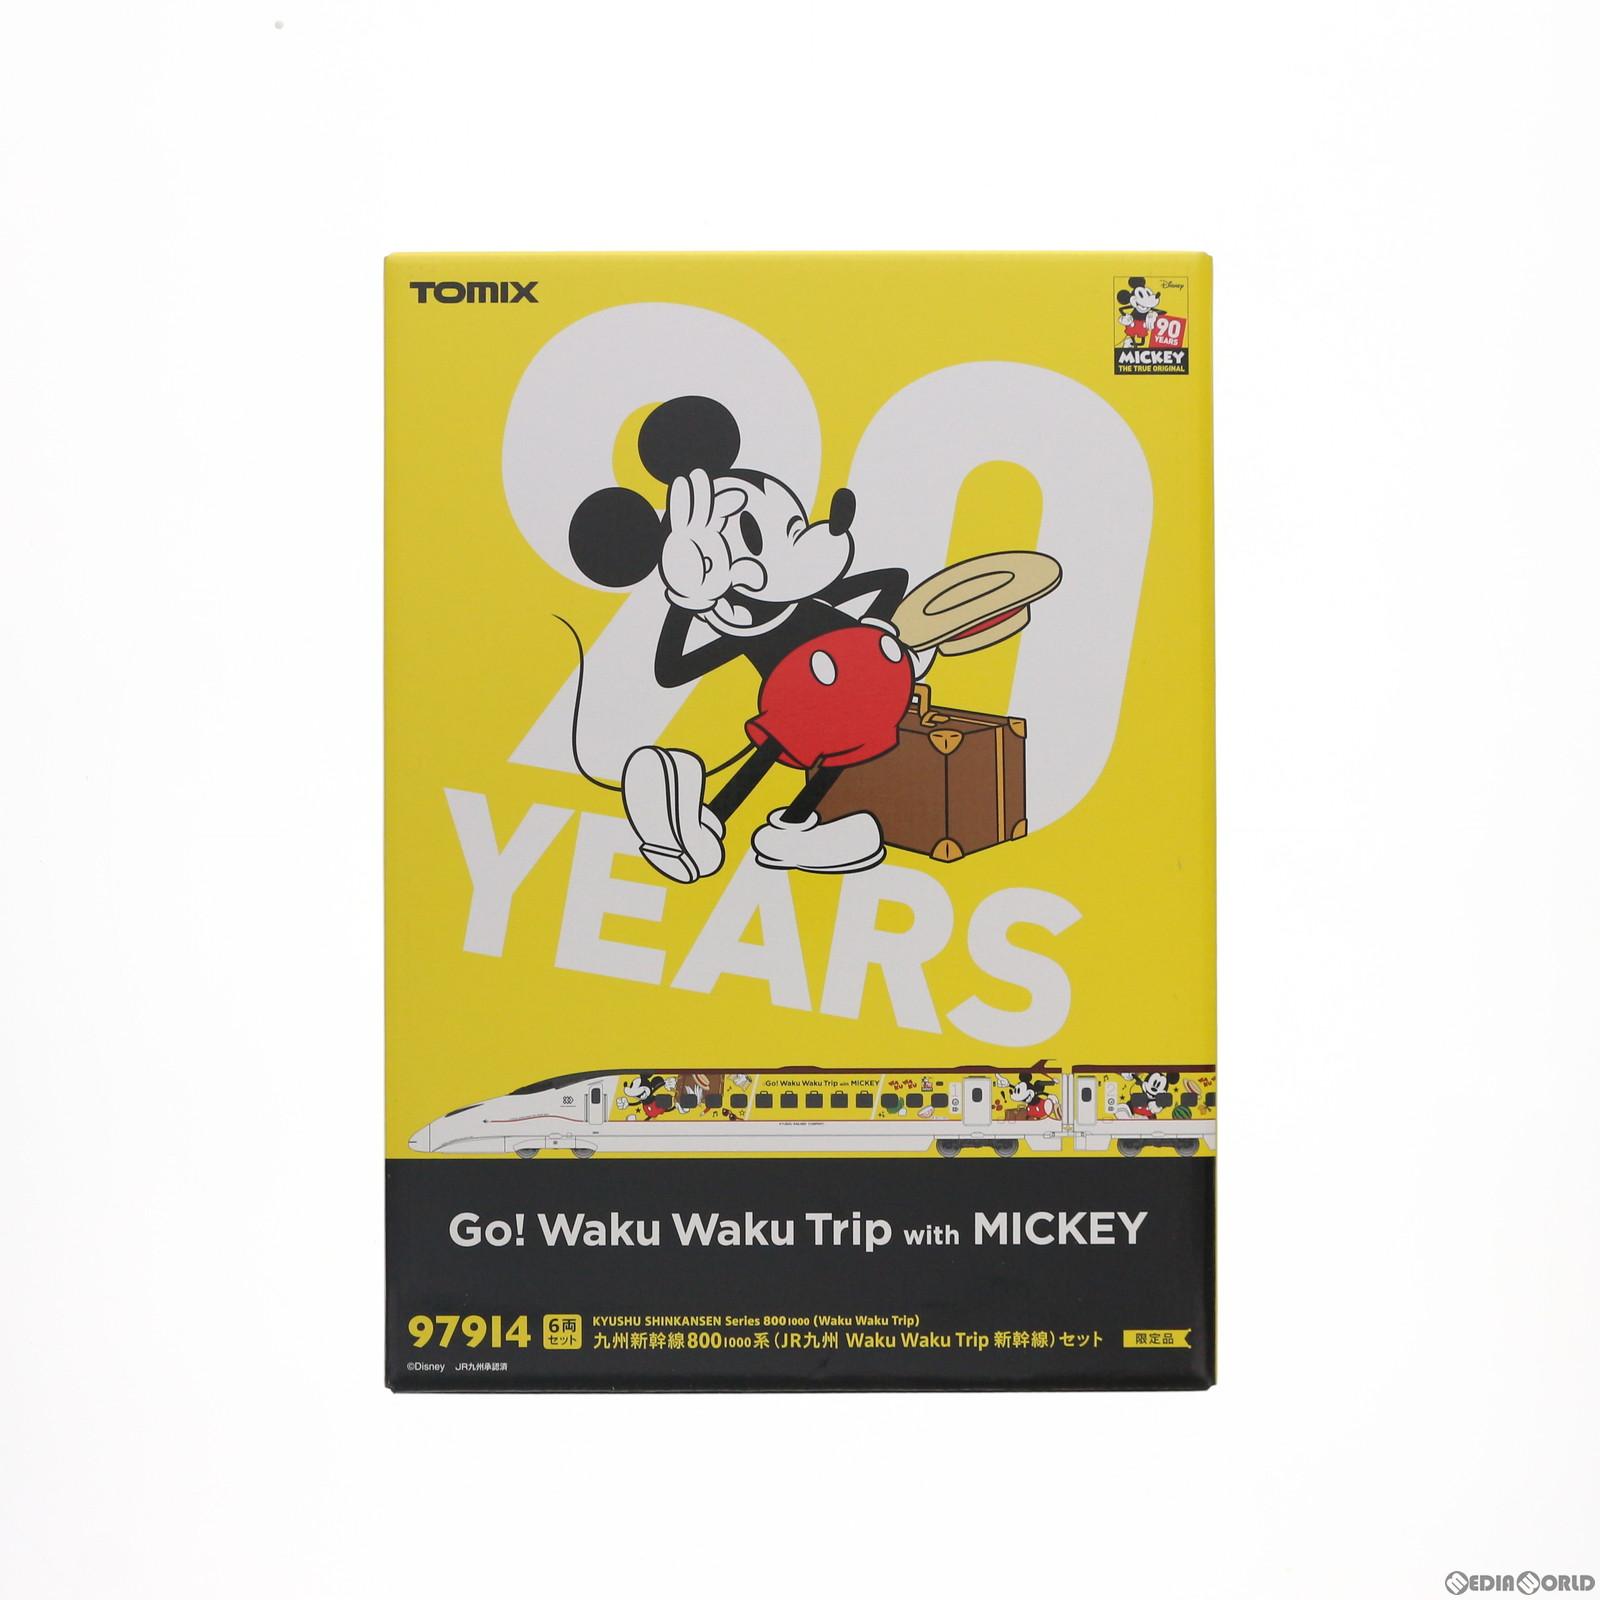 【予約安心発送】[RWM]97914 限定品 九州新幹線800-1000系(JR九州 Waku Waku Trip 新幹線)セット(6両) Nゲージ 鉄道模型 TOMIX(トミックス)(2019年10月)